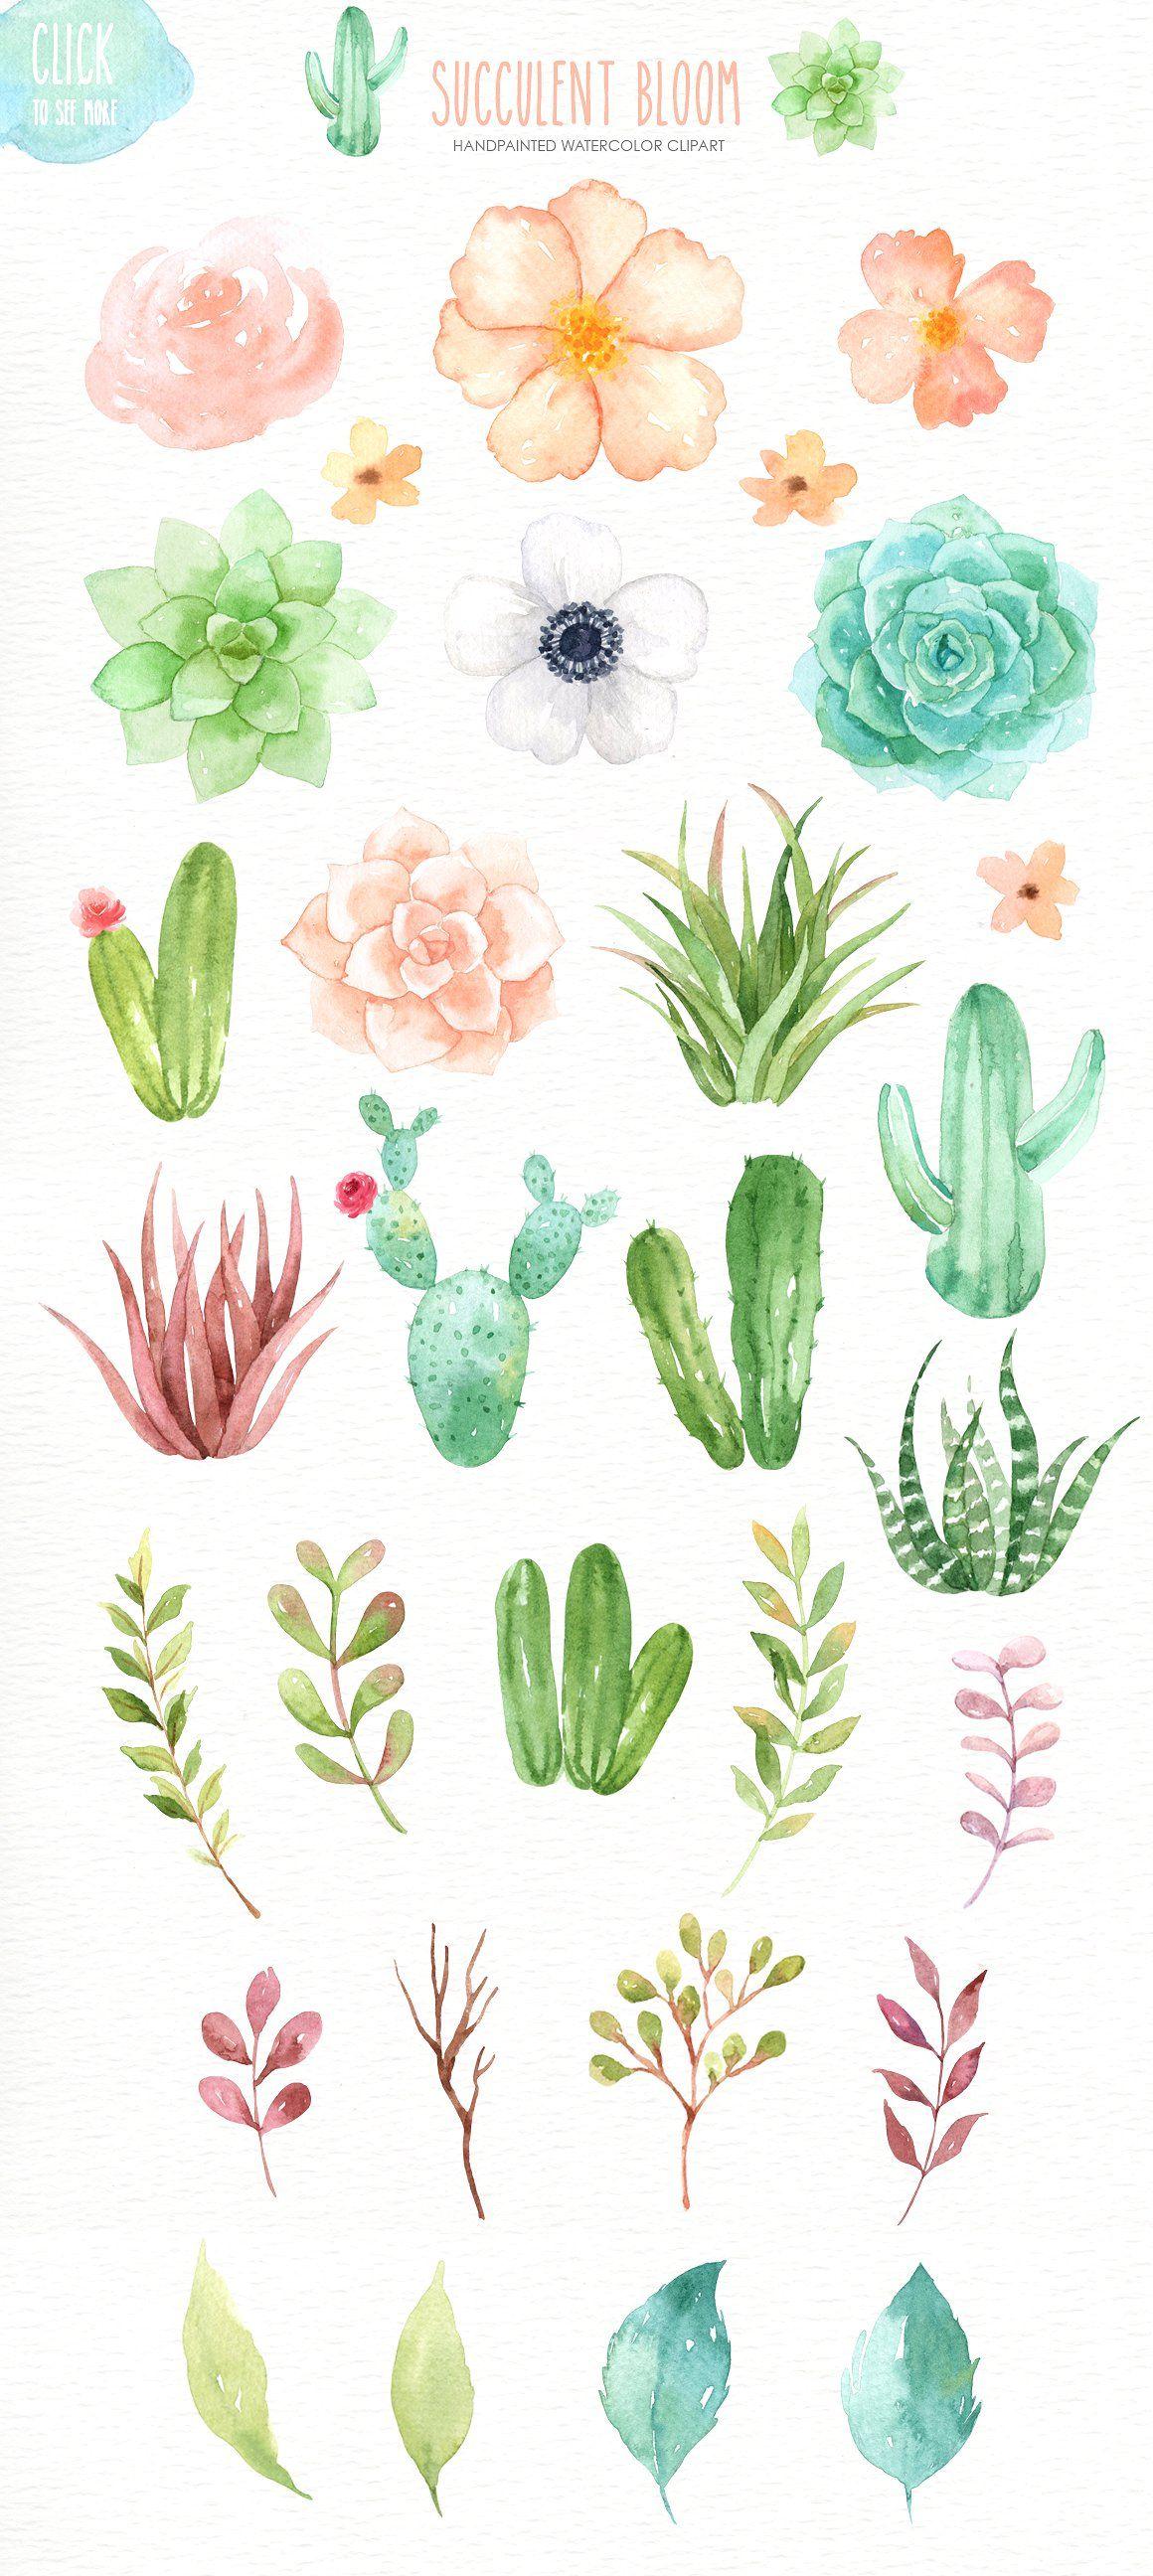 Succulent Bloom Watercolor Cliparts Suluboya Cicekler Etli Yaprakli Bitkiler Cicek